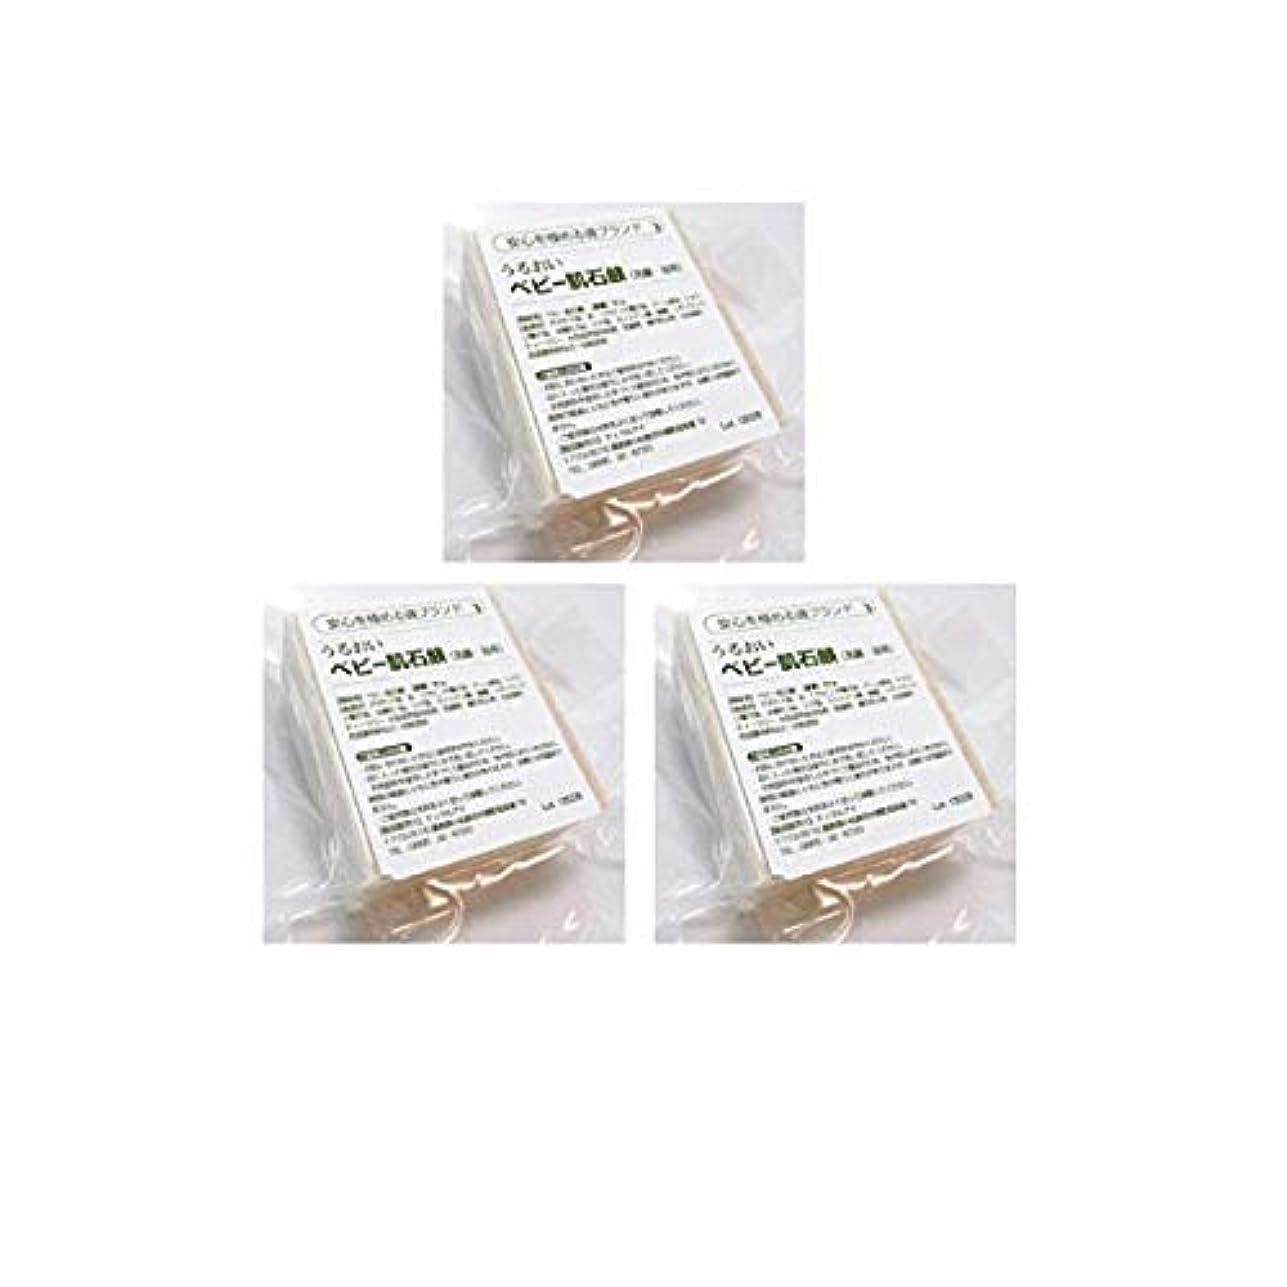 一緒に苦しみ安いですアボカド石鹸 うるおいベビー肌石鹸3個セット(80g×3個)アボカドオイル50%配合の完全無添加石鹸